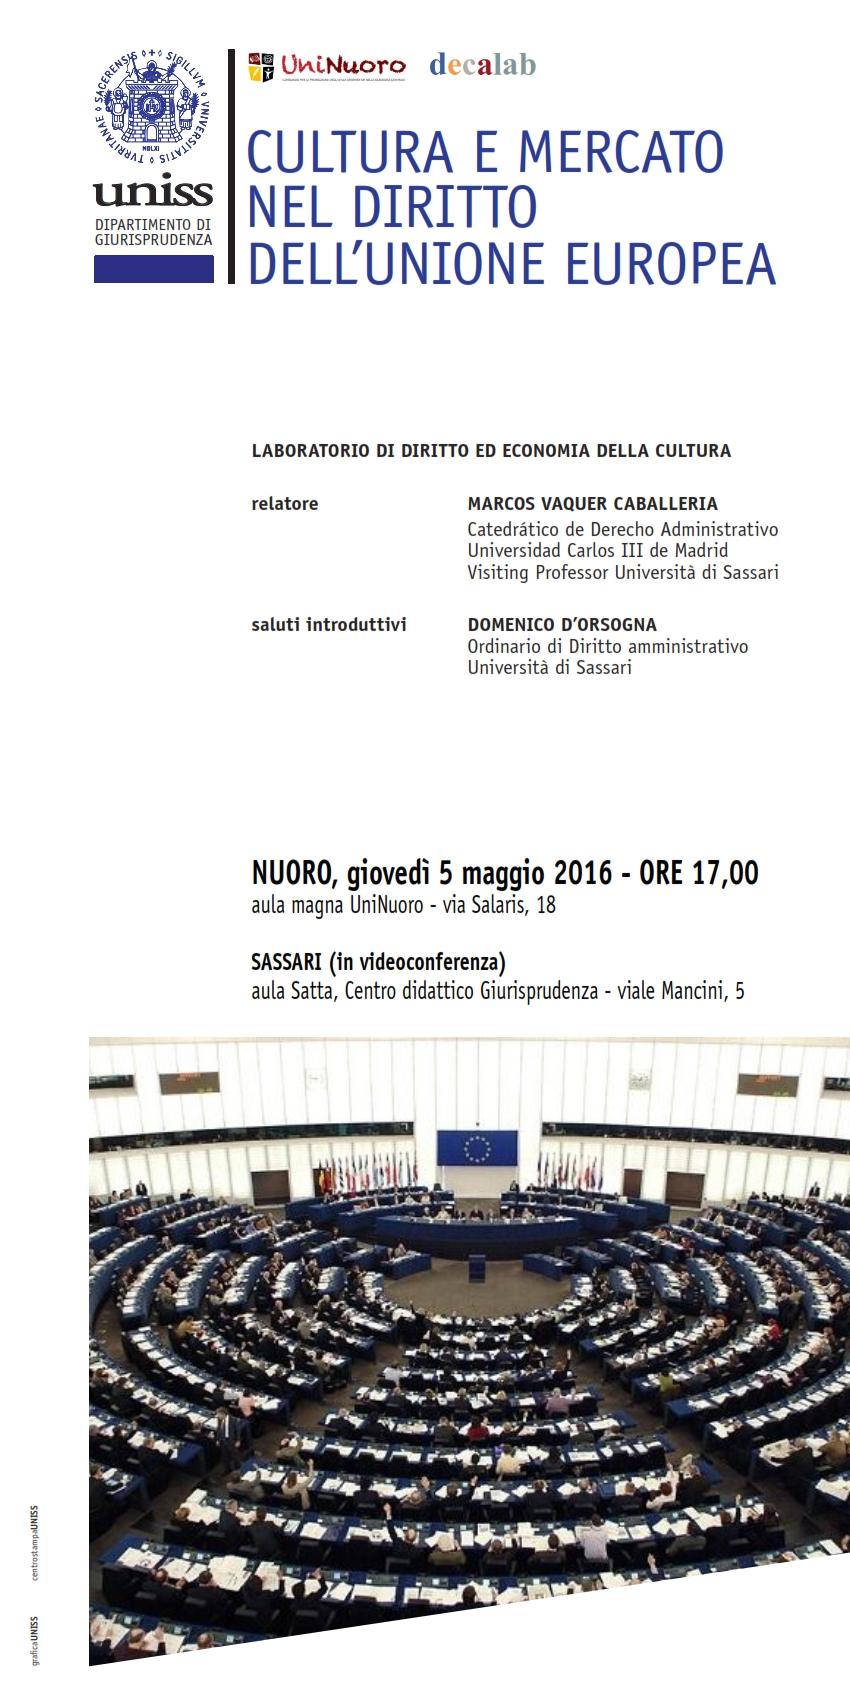 Cultura e mercato nel diritto dell'Unione Europea